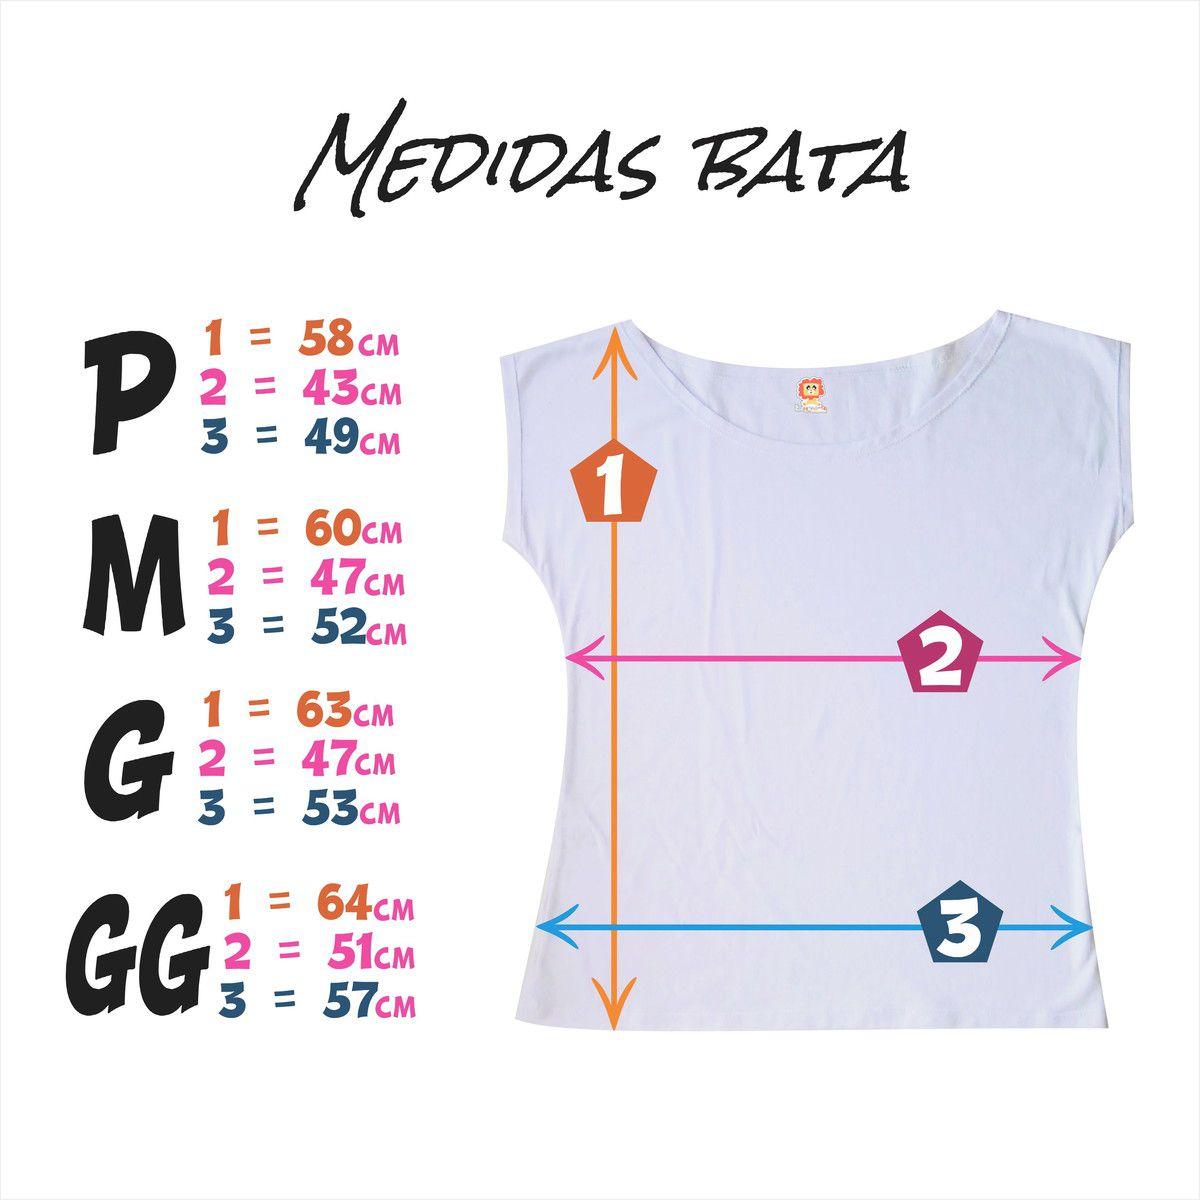 Kit Camisetas Personalizadas Mamãe 10 e Filho 10